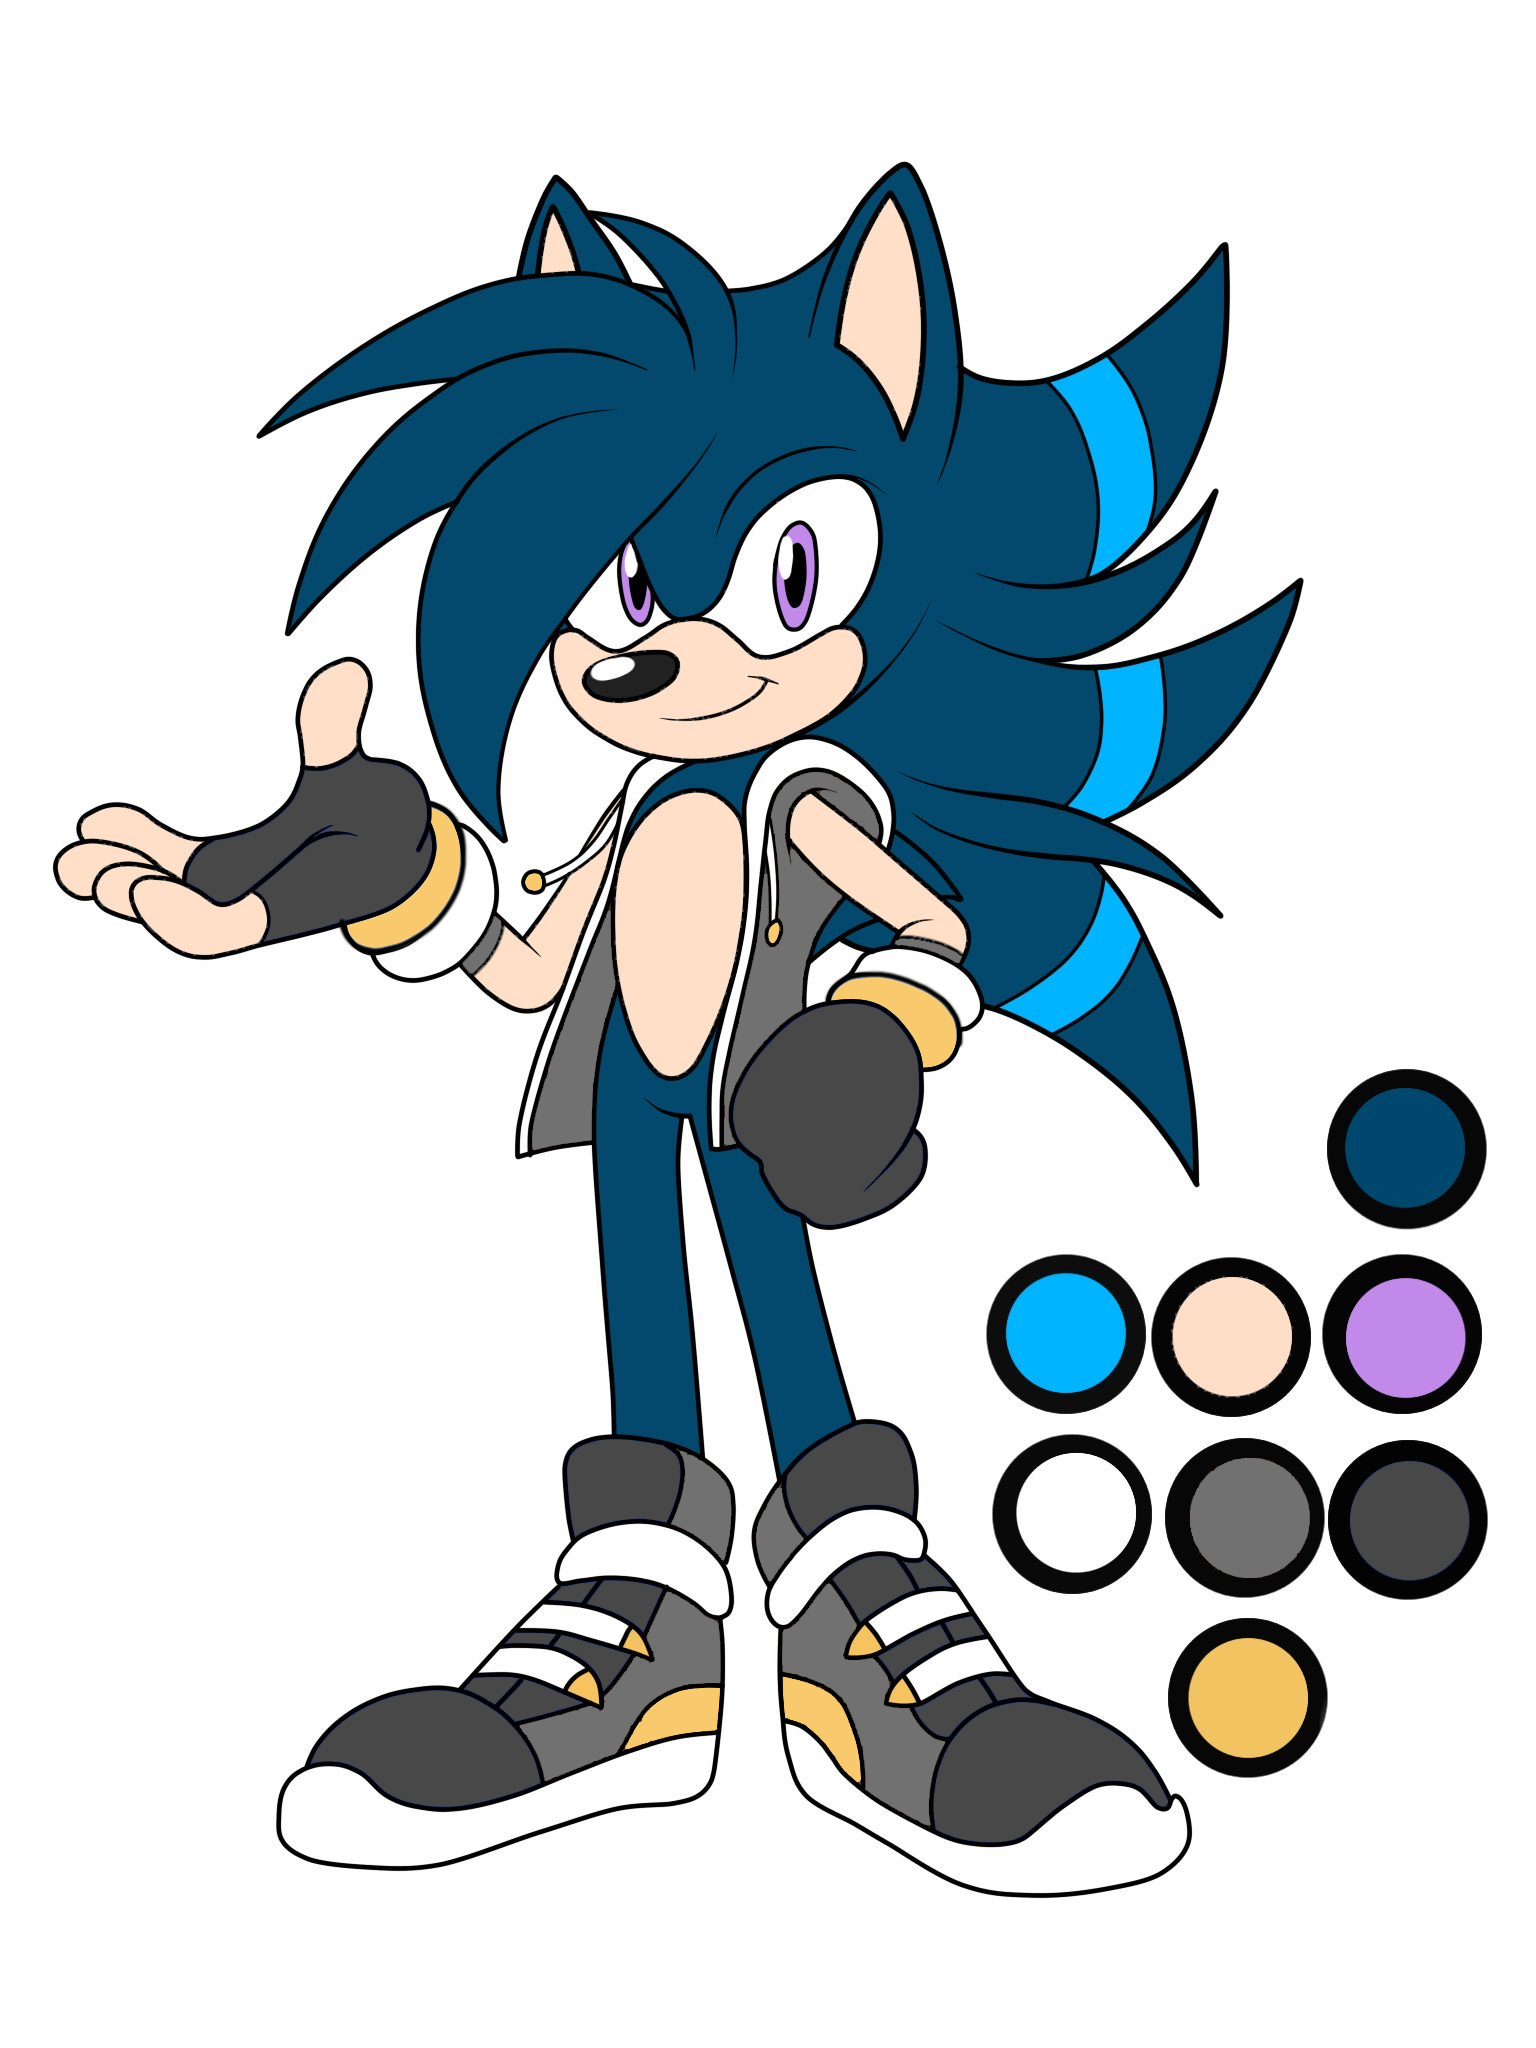 Kevin The Hedgehog Sonic Fan Characters Wiki Fandom